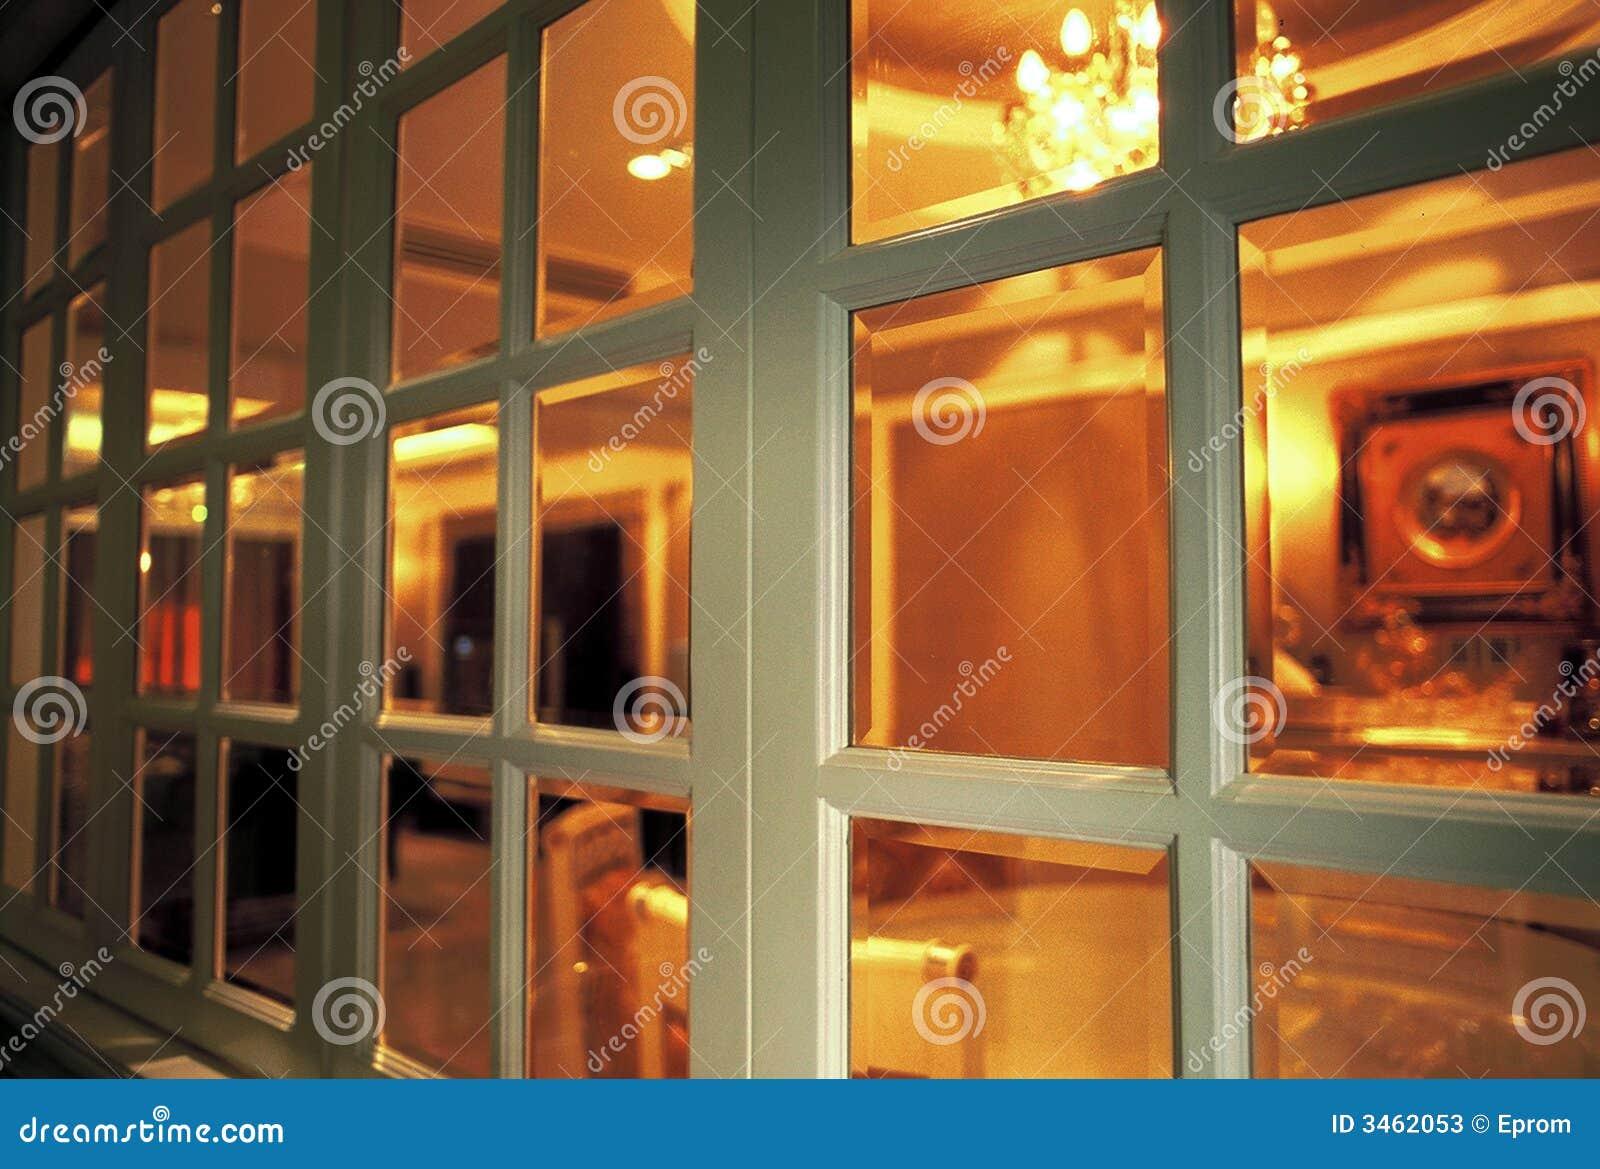 Inside the window